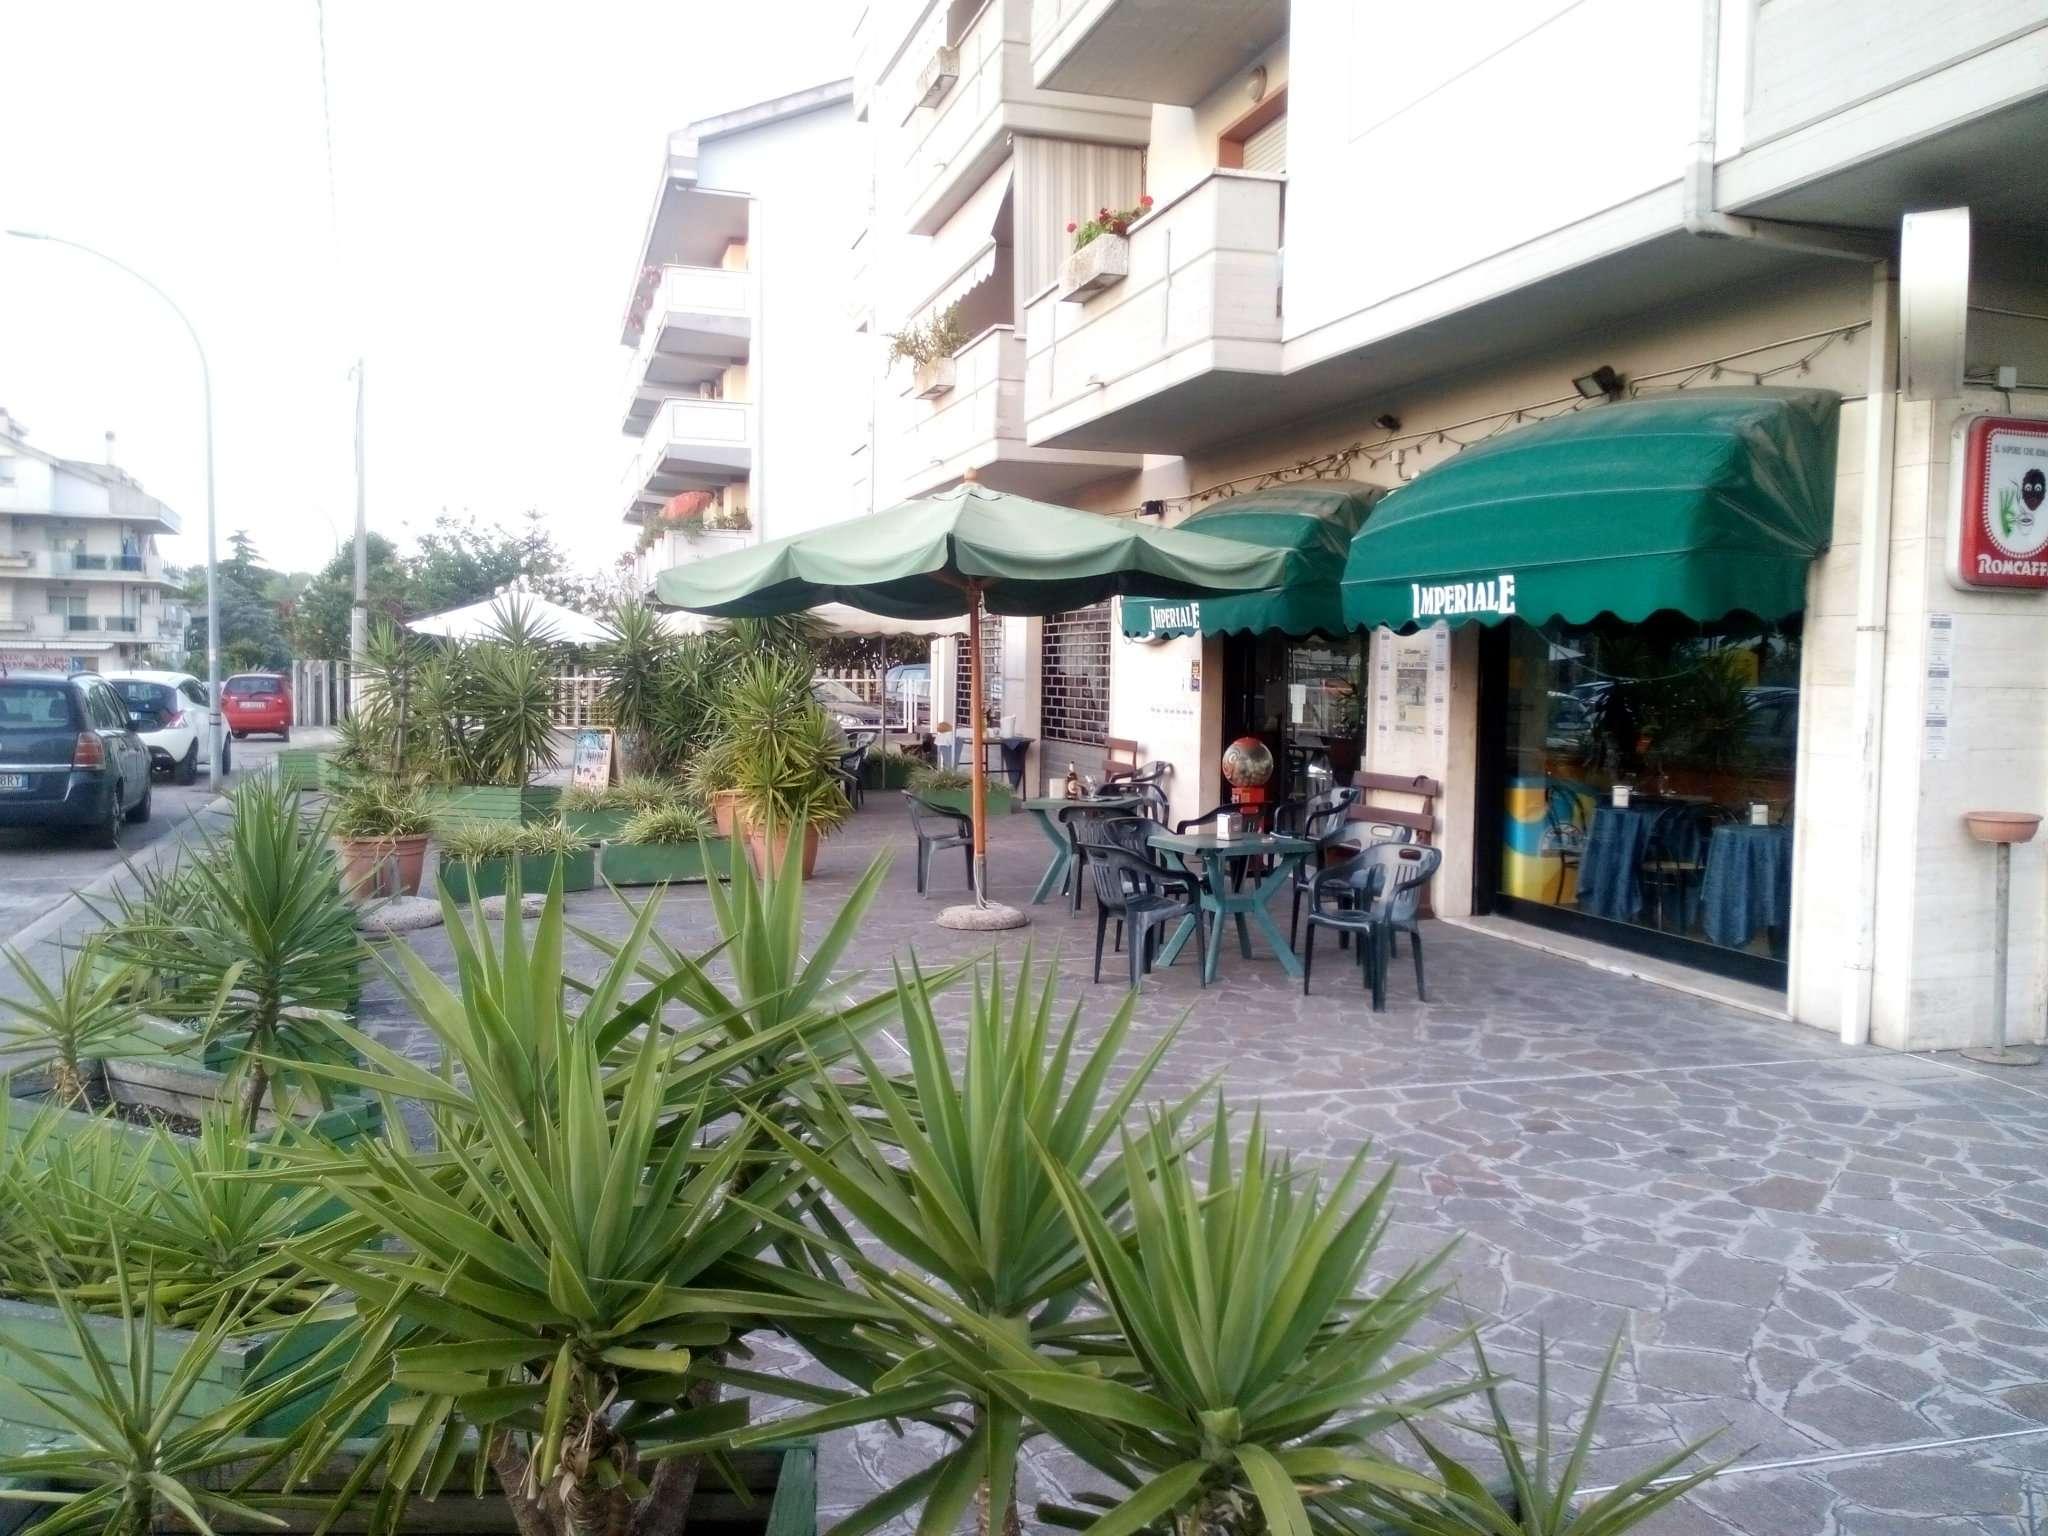 Negozio / Locale in affitto a Città Sant'Angelo, 2 locali, prezzo € 1.300 | CambioCasa.it